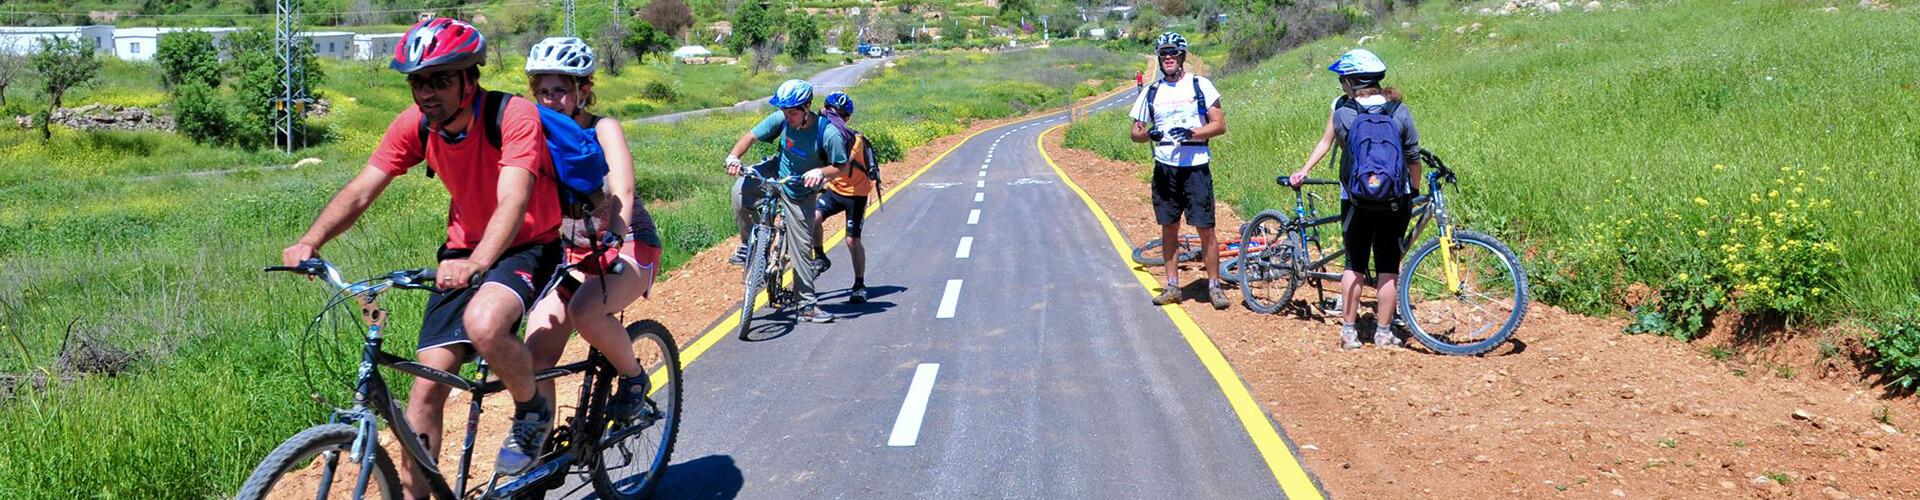 מסלול האופניים בעמק הארזים FULL